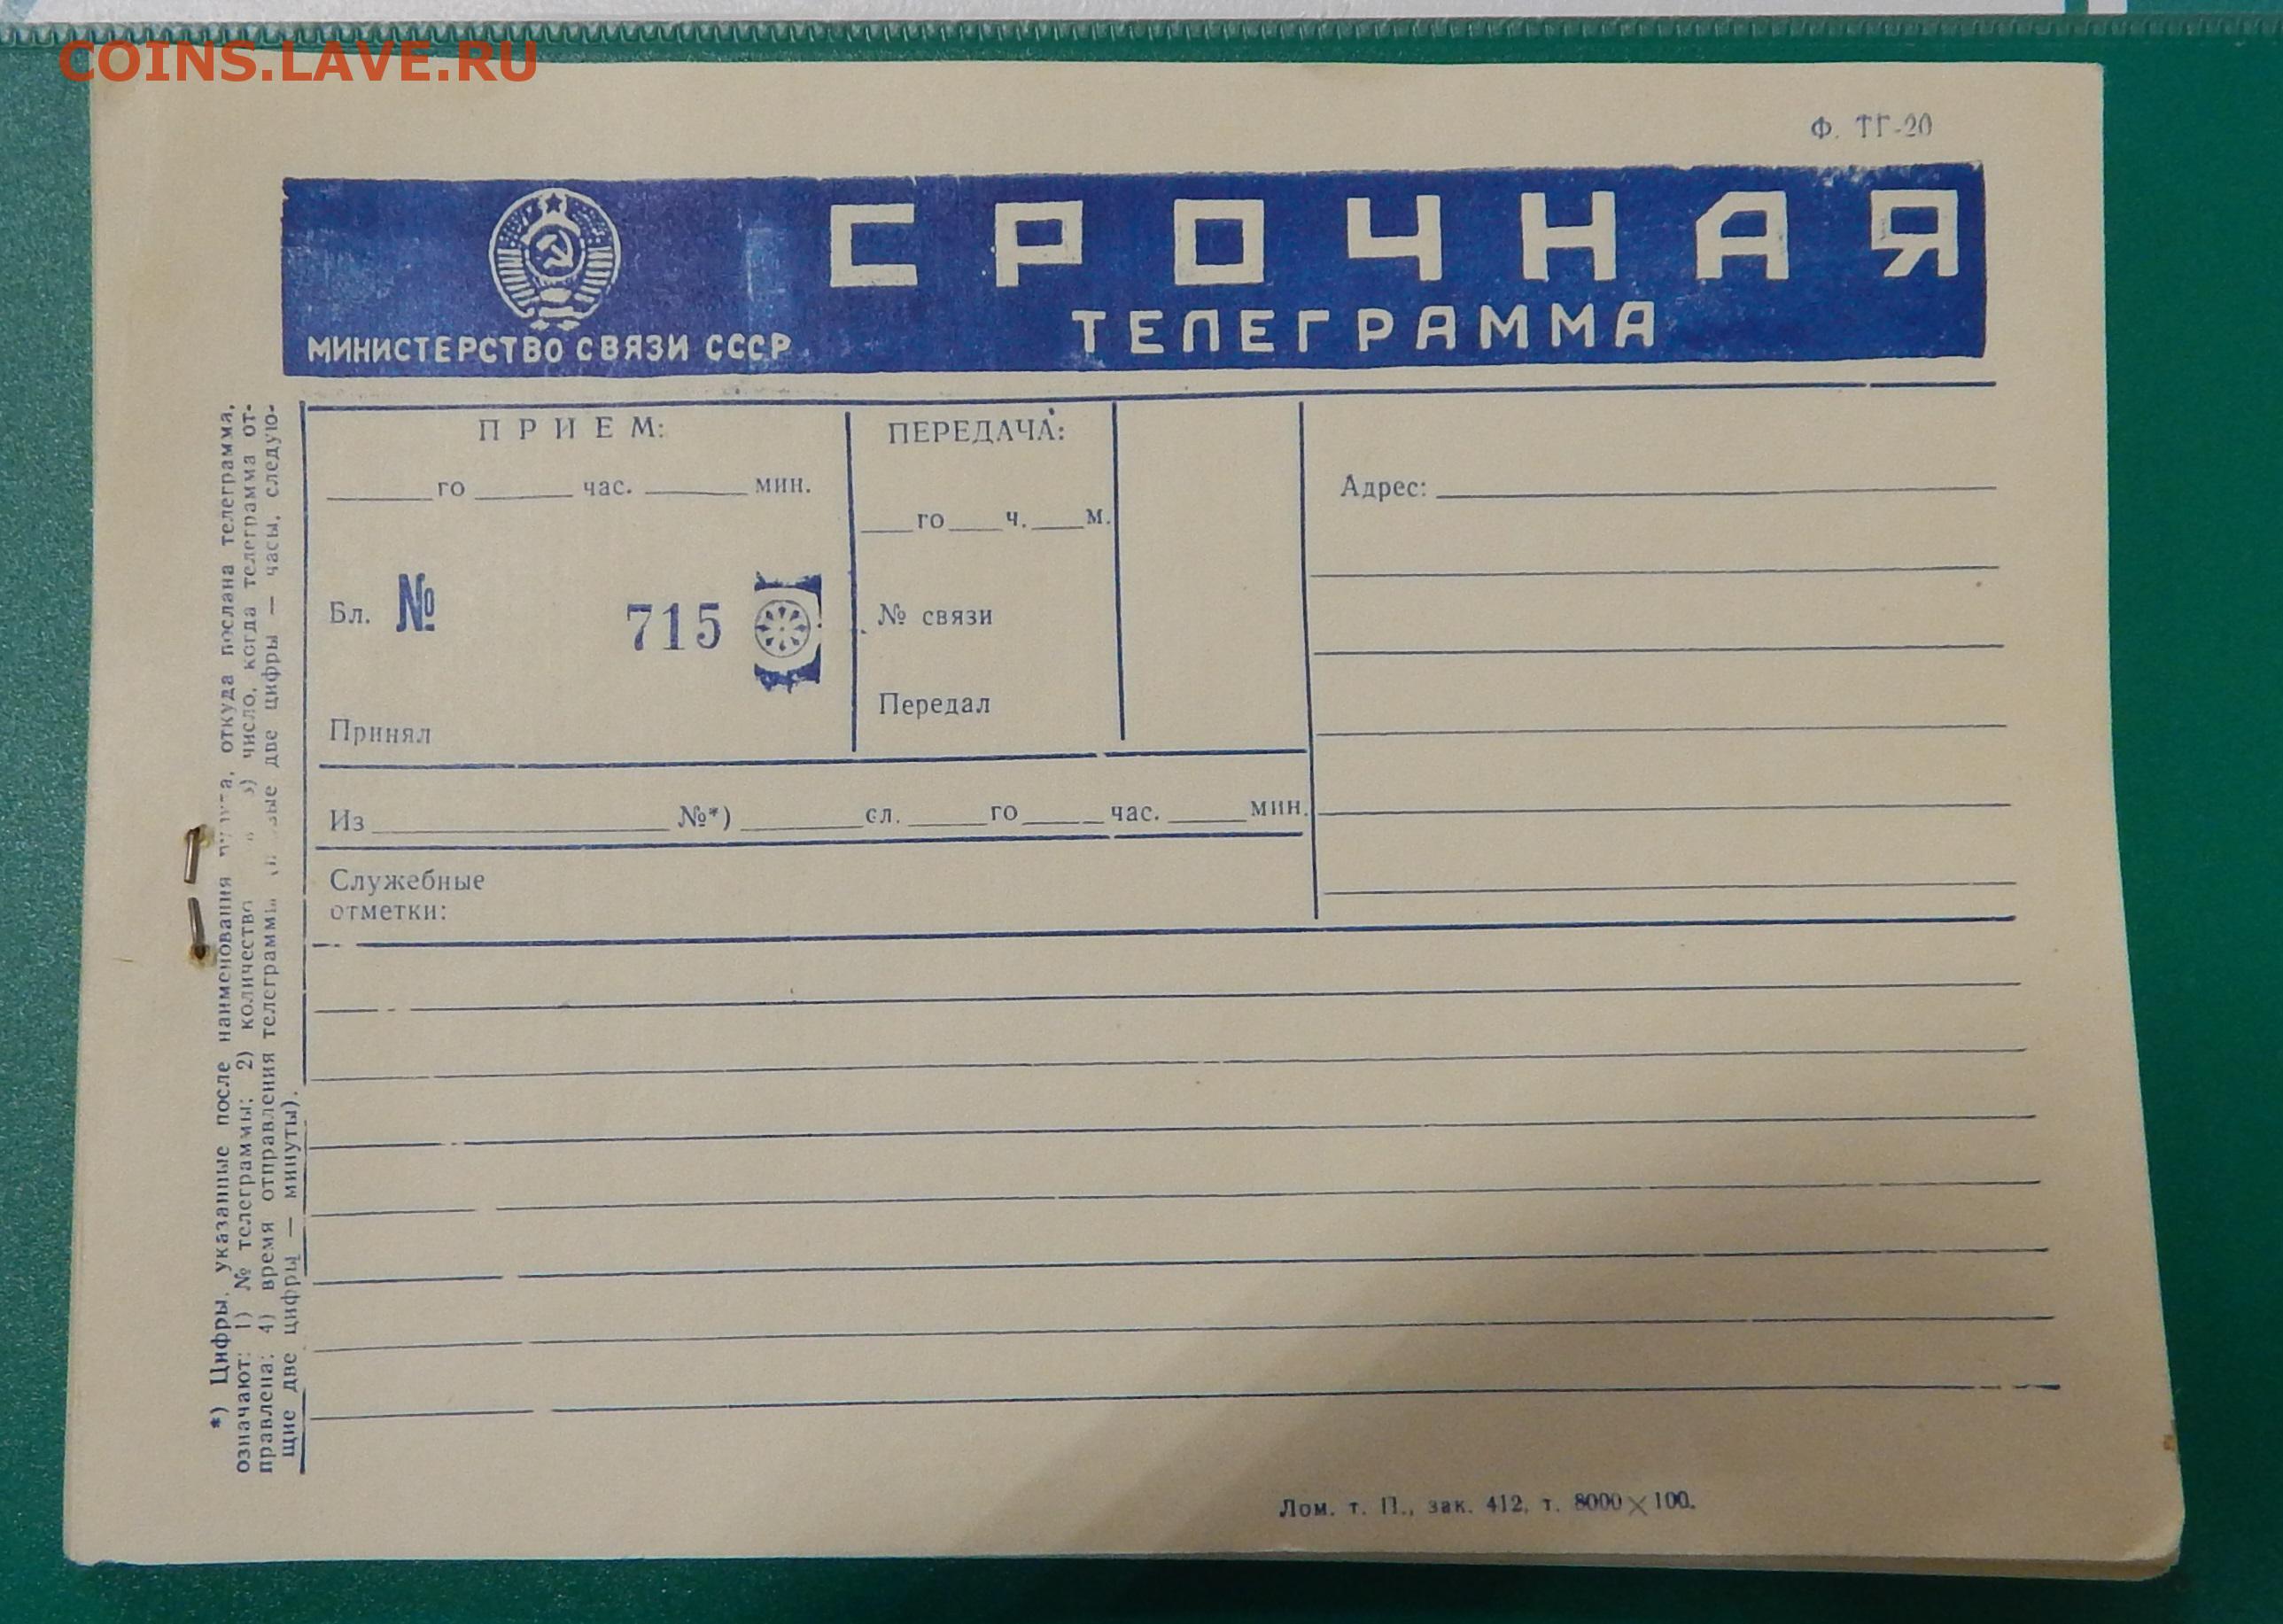 Картинка срочной телеграммы